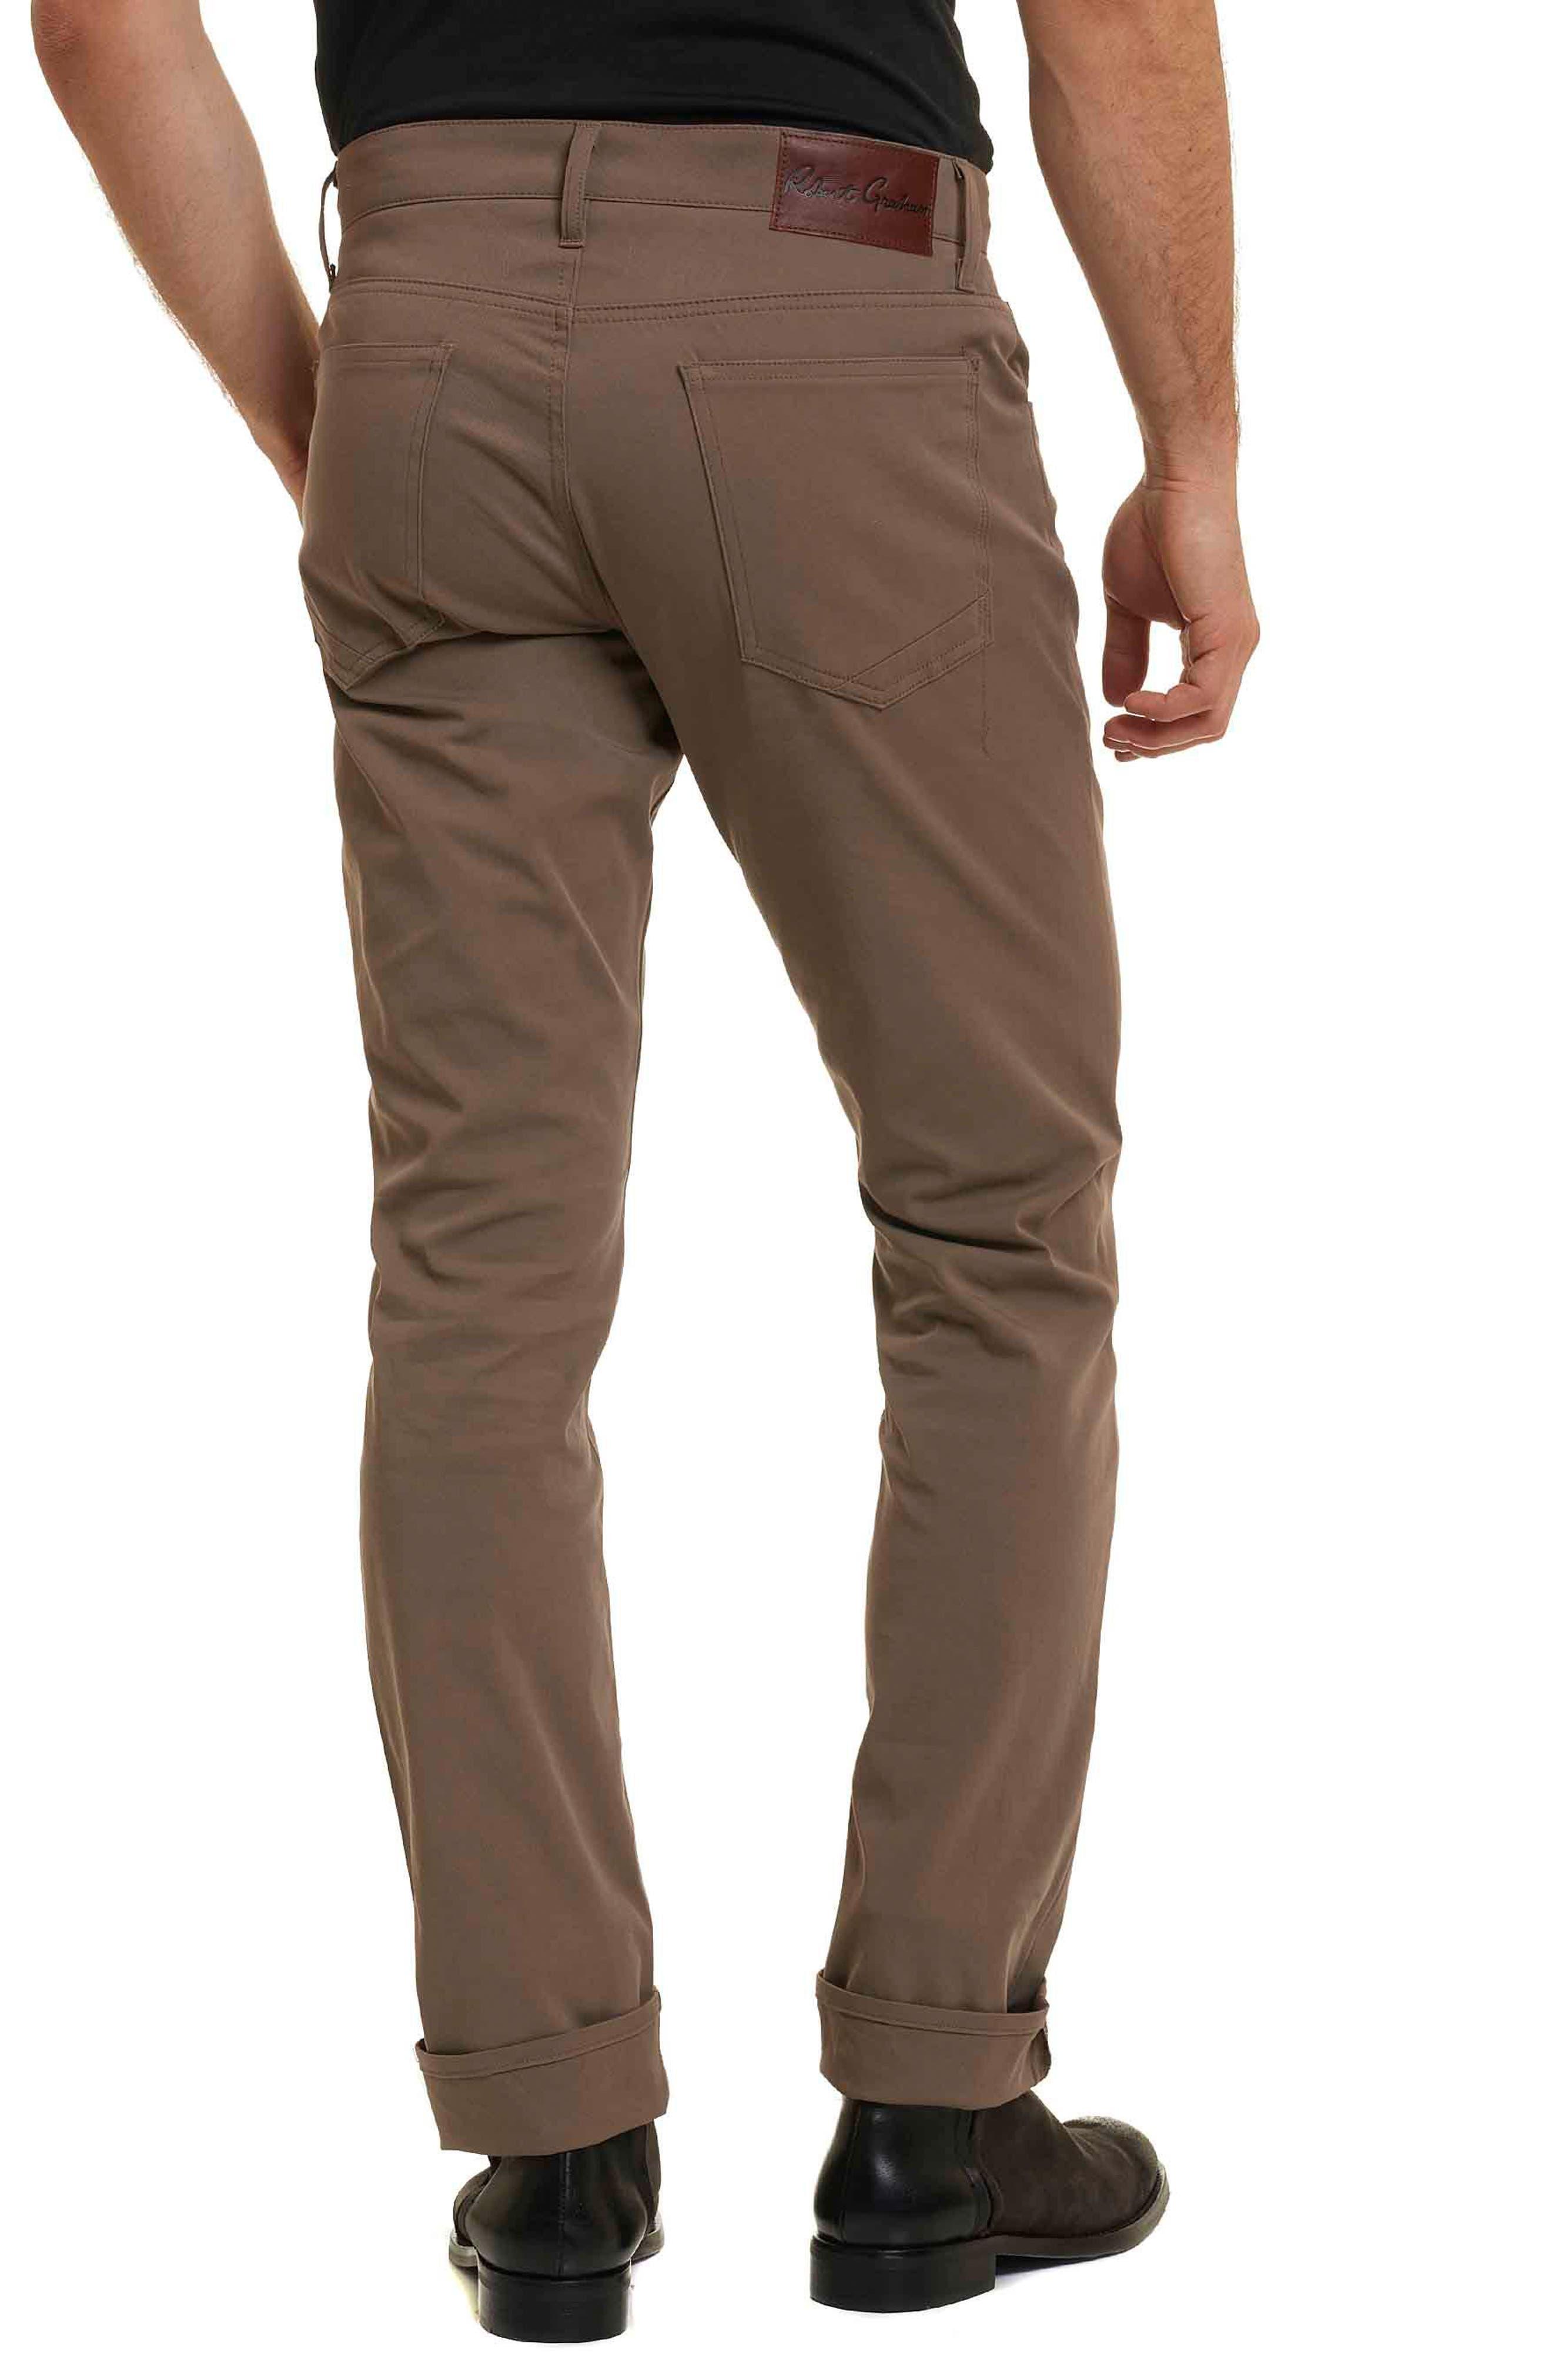 Tanner Five-Pocket Pants,                             Alternate thumbnail 2, color,                             Khaki